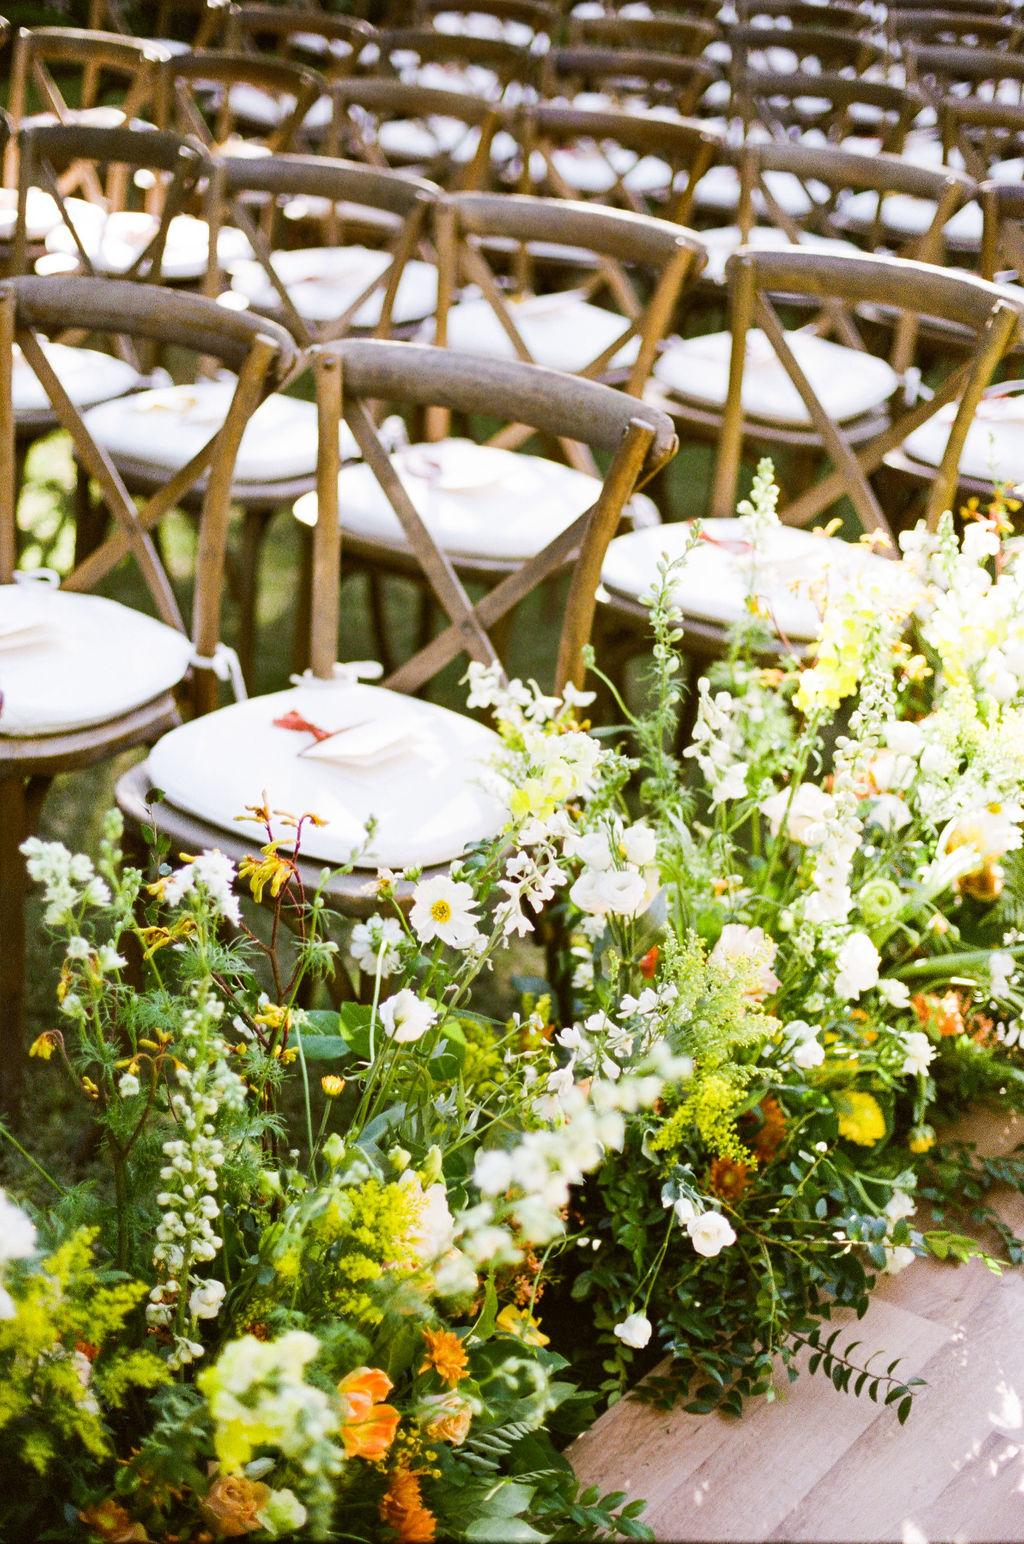 floral arrangements lining ceremony aisle